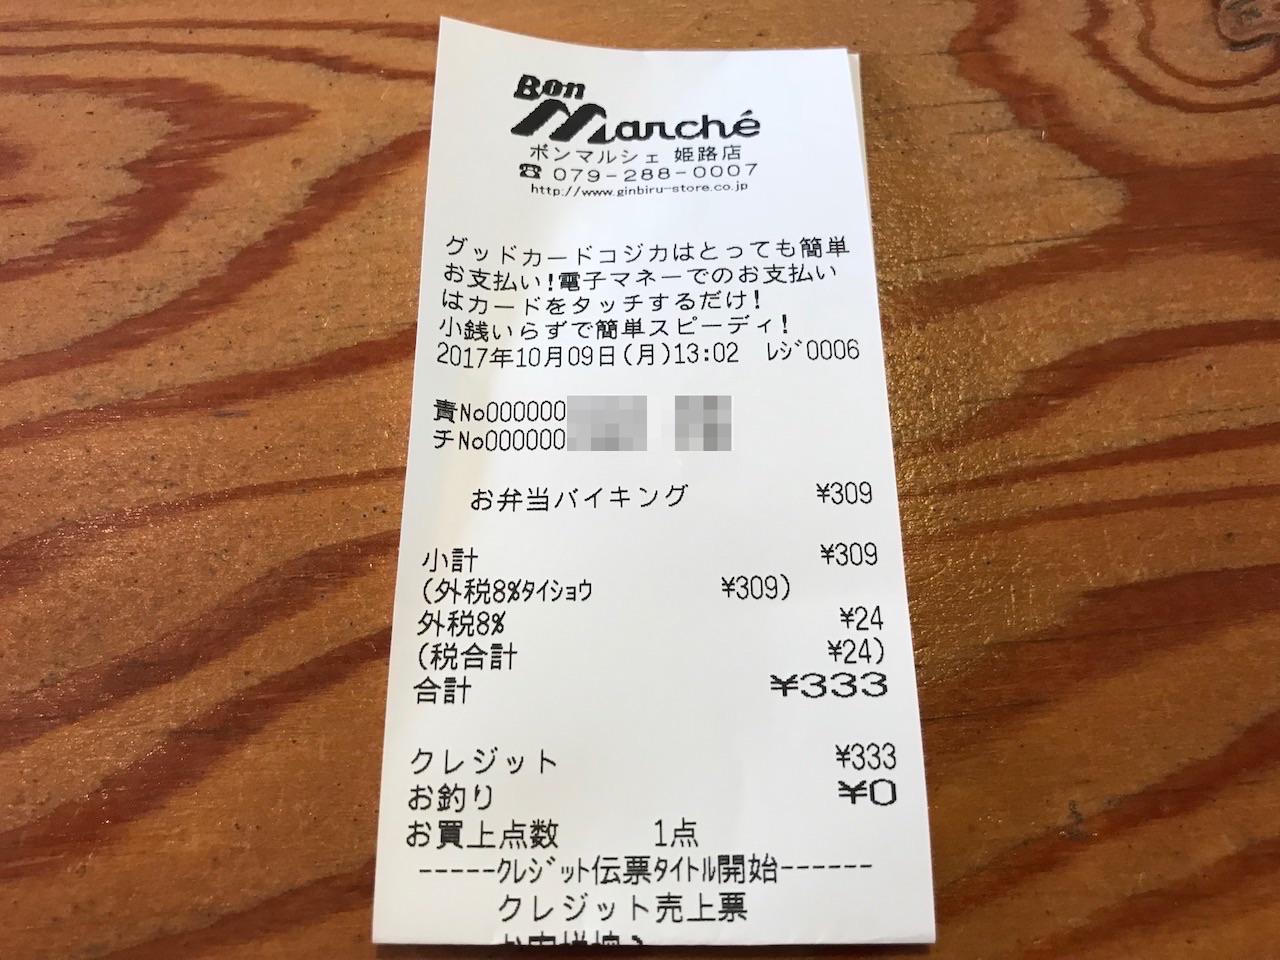 姫路駅前お持ち帰りランチならボンマルシェに激安のランチバイキングがありますよ!